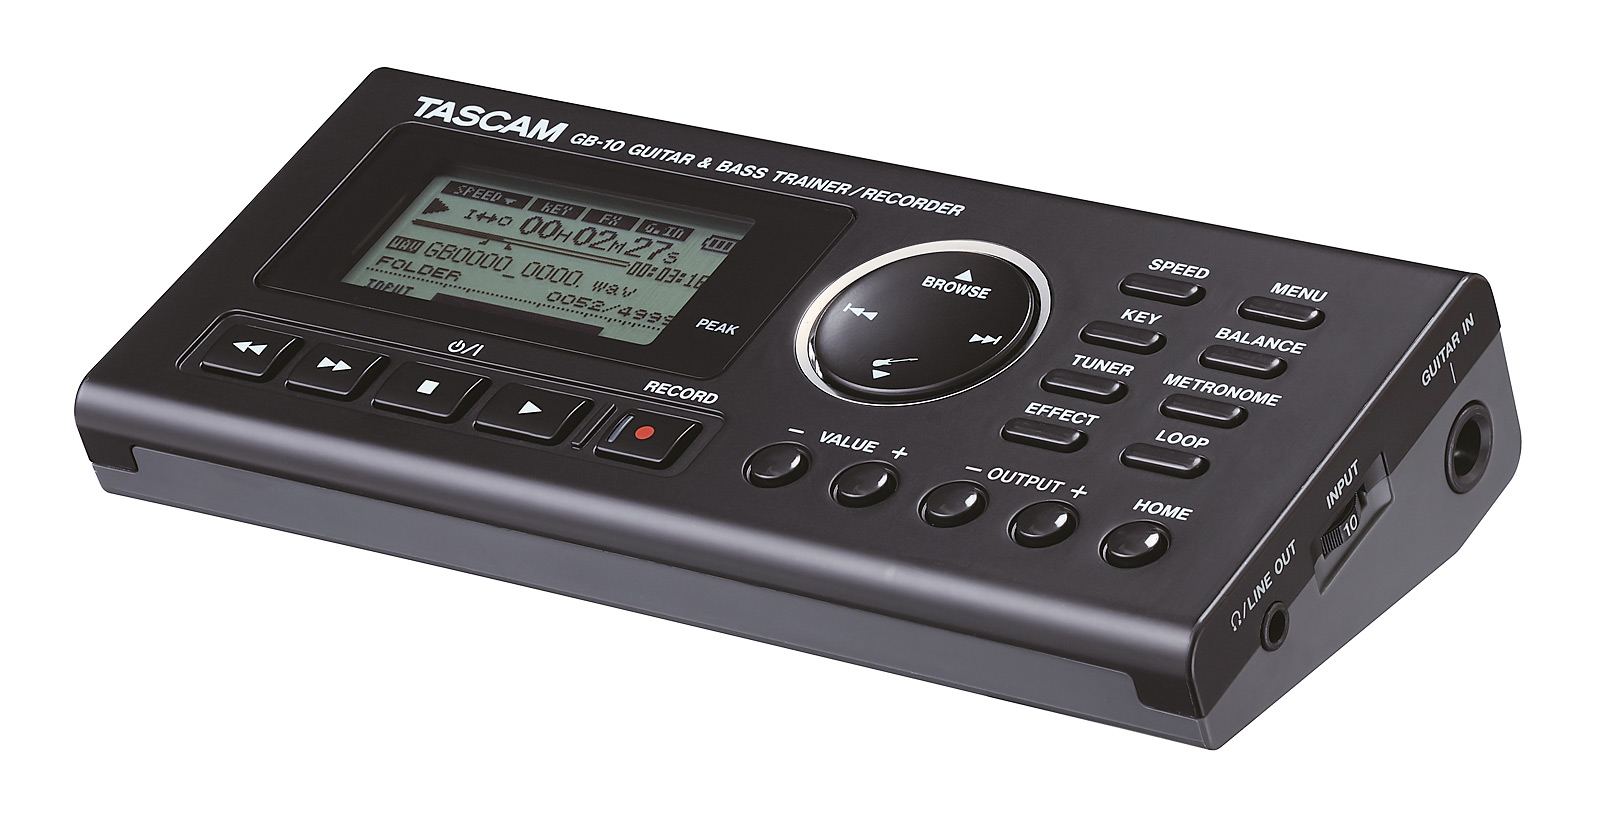 Billede af Tascam GB-10 alt-i-en bas og guitar trainer/recorder